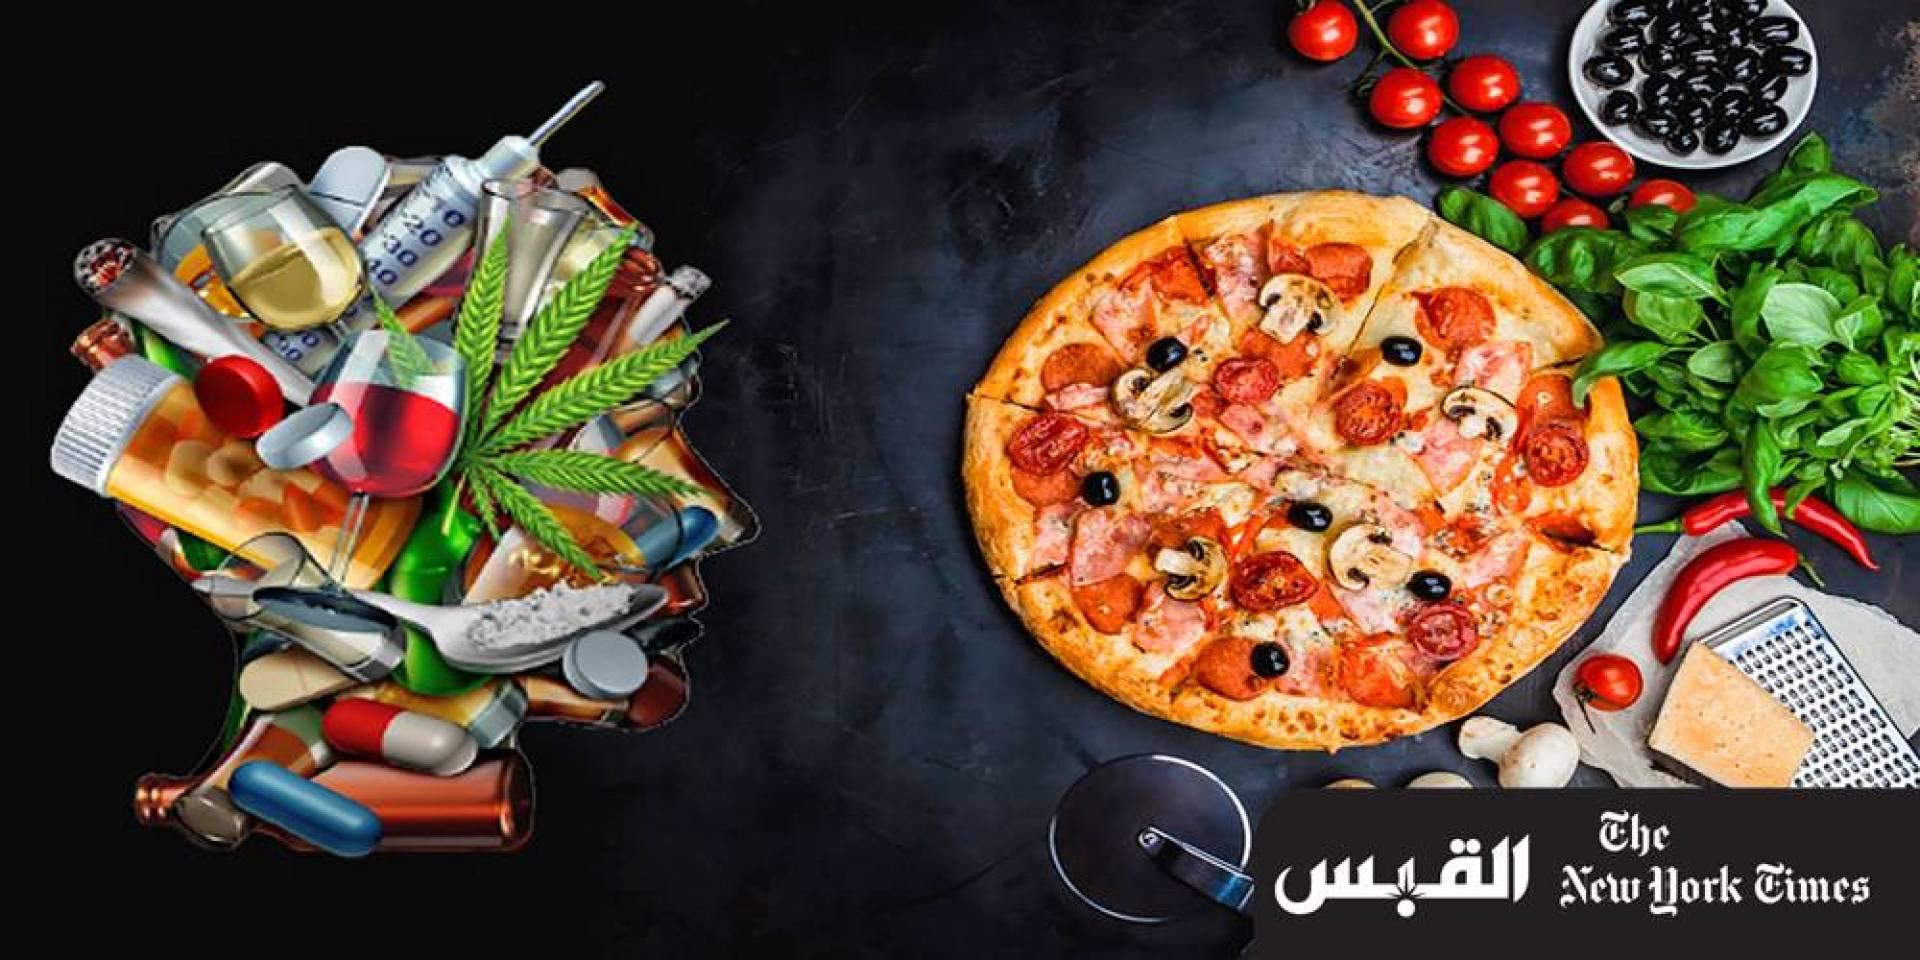 البيتزا والشوكولاتة تشبهان السجائر والكوكايين